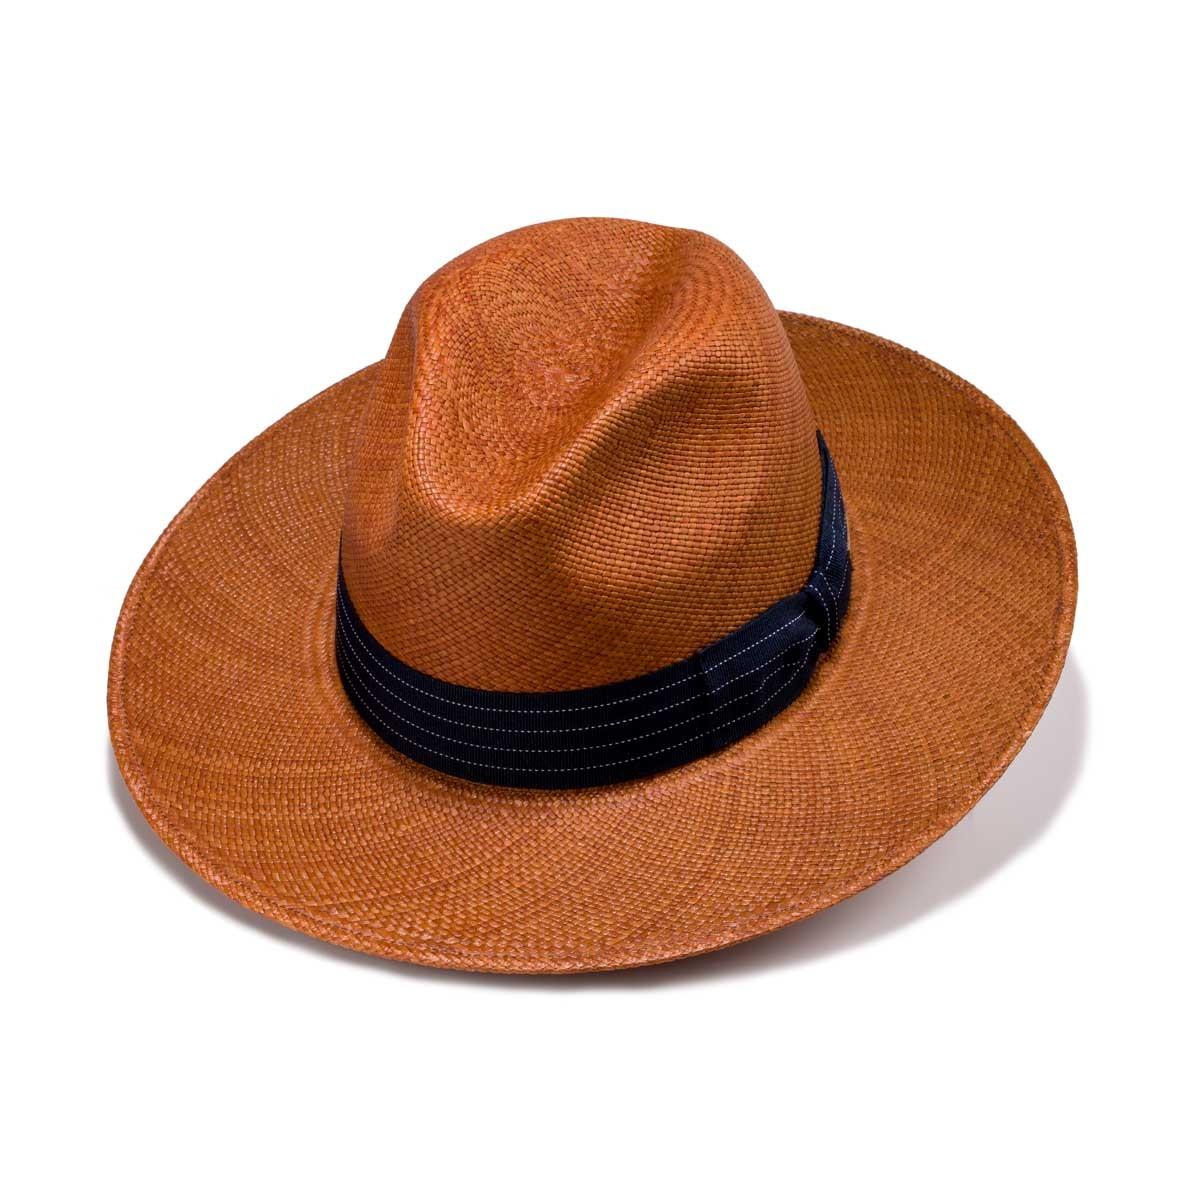 Alcoba sombrero panamá color caramelo y cinta grosgrain. Fernández y Roche